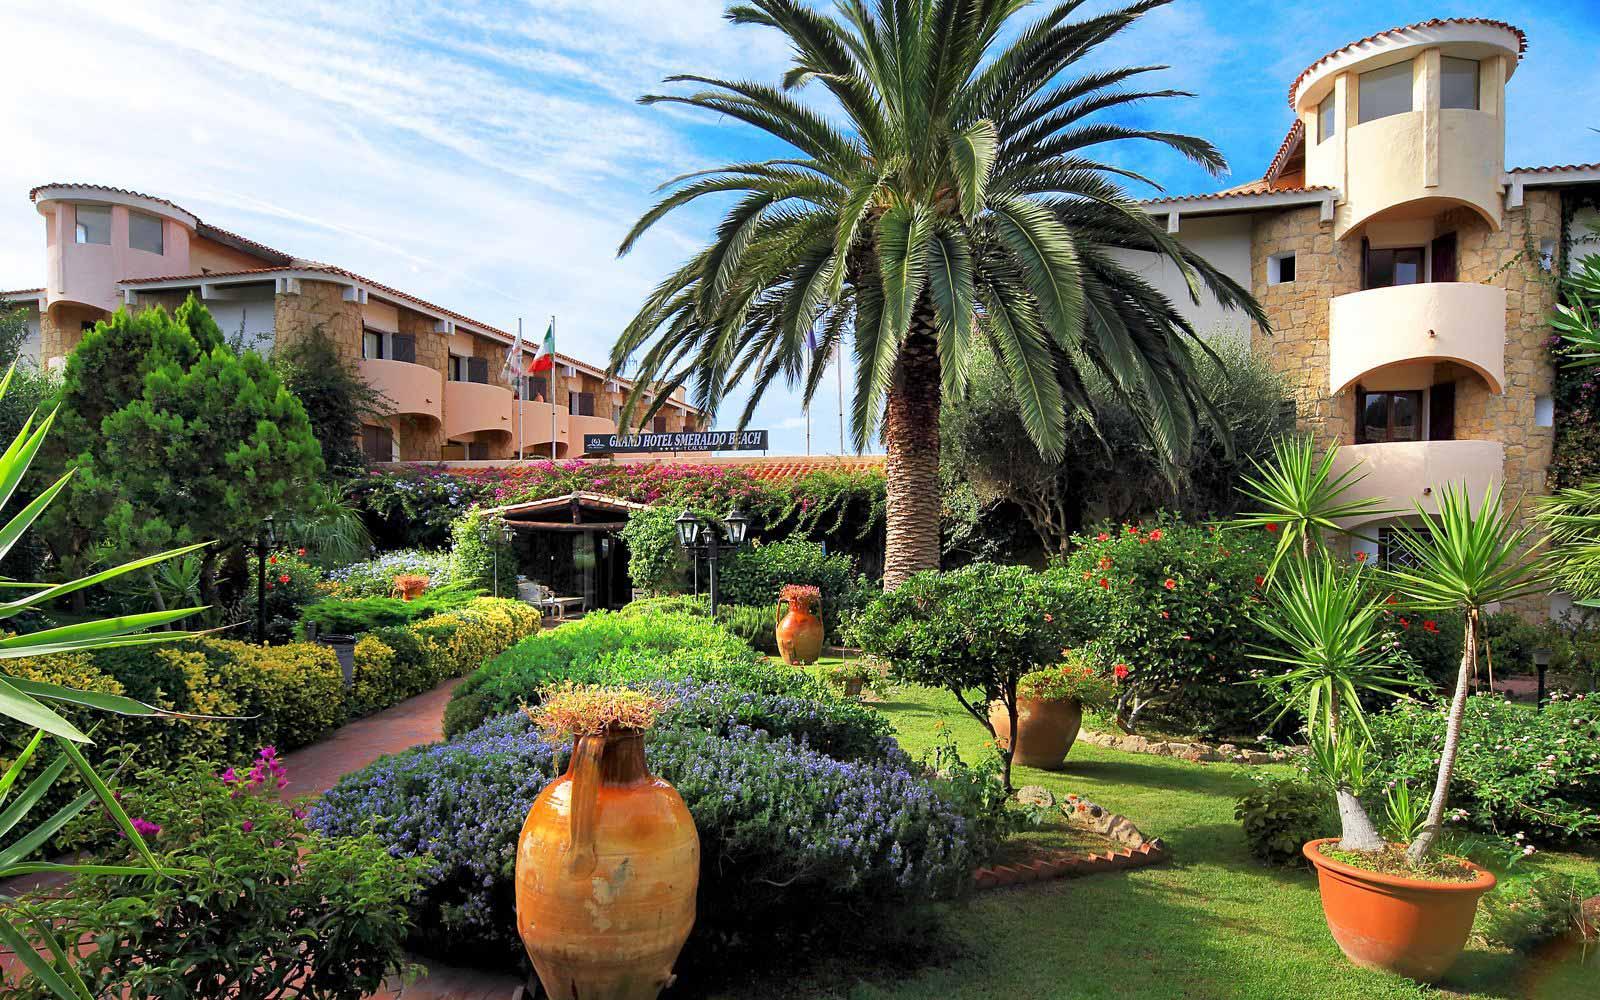 Gardens at Grand Hotel Smeraldo Beach